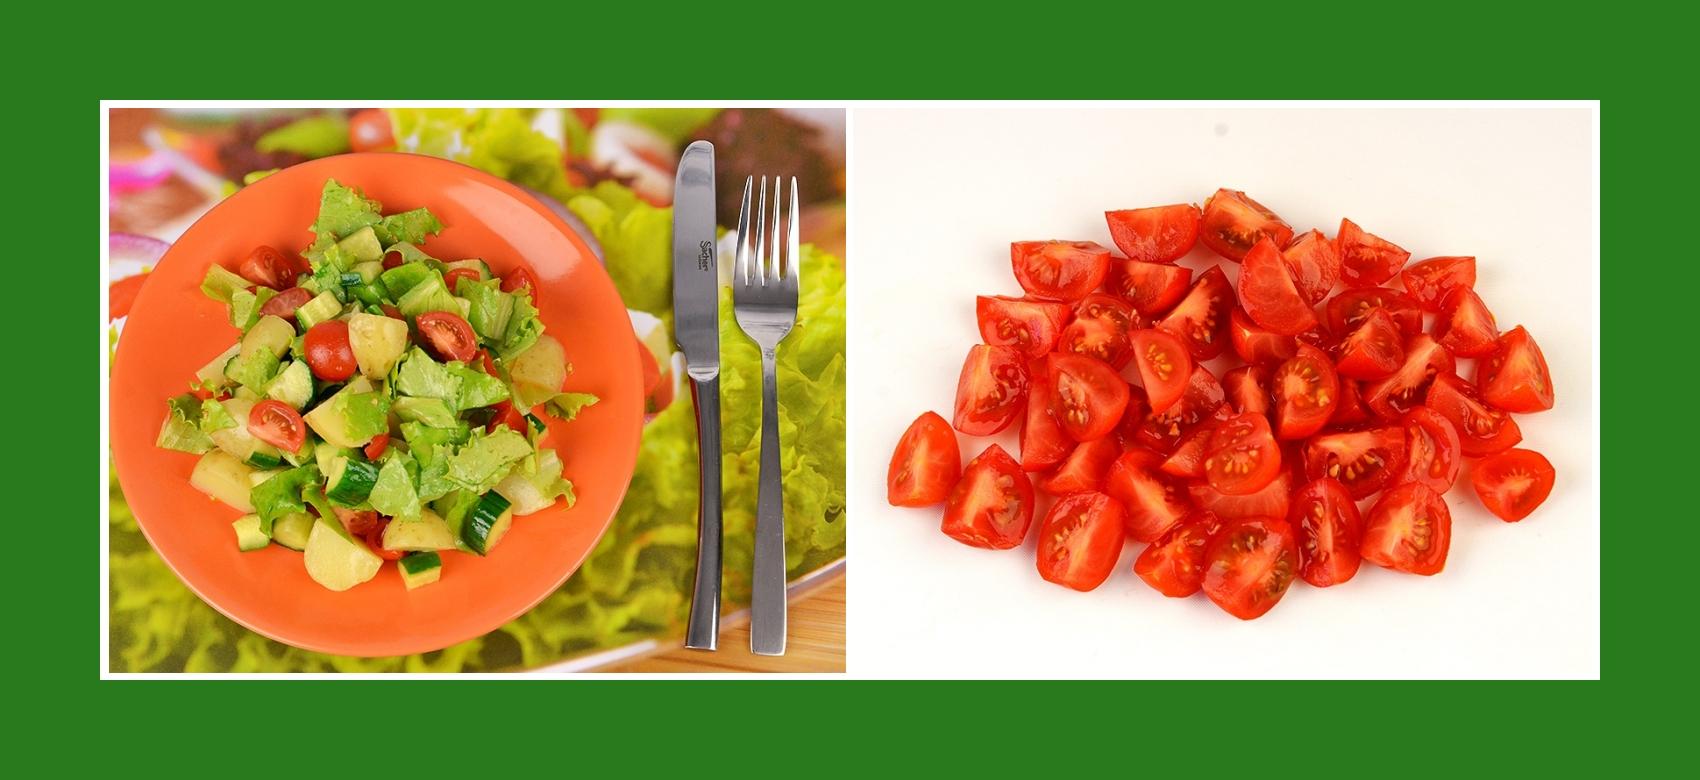 Cherrytomaten, kleine Tomaten für Frühkartoffelsalat